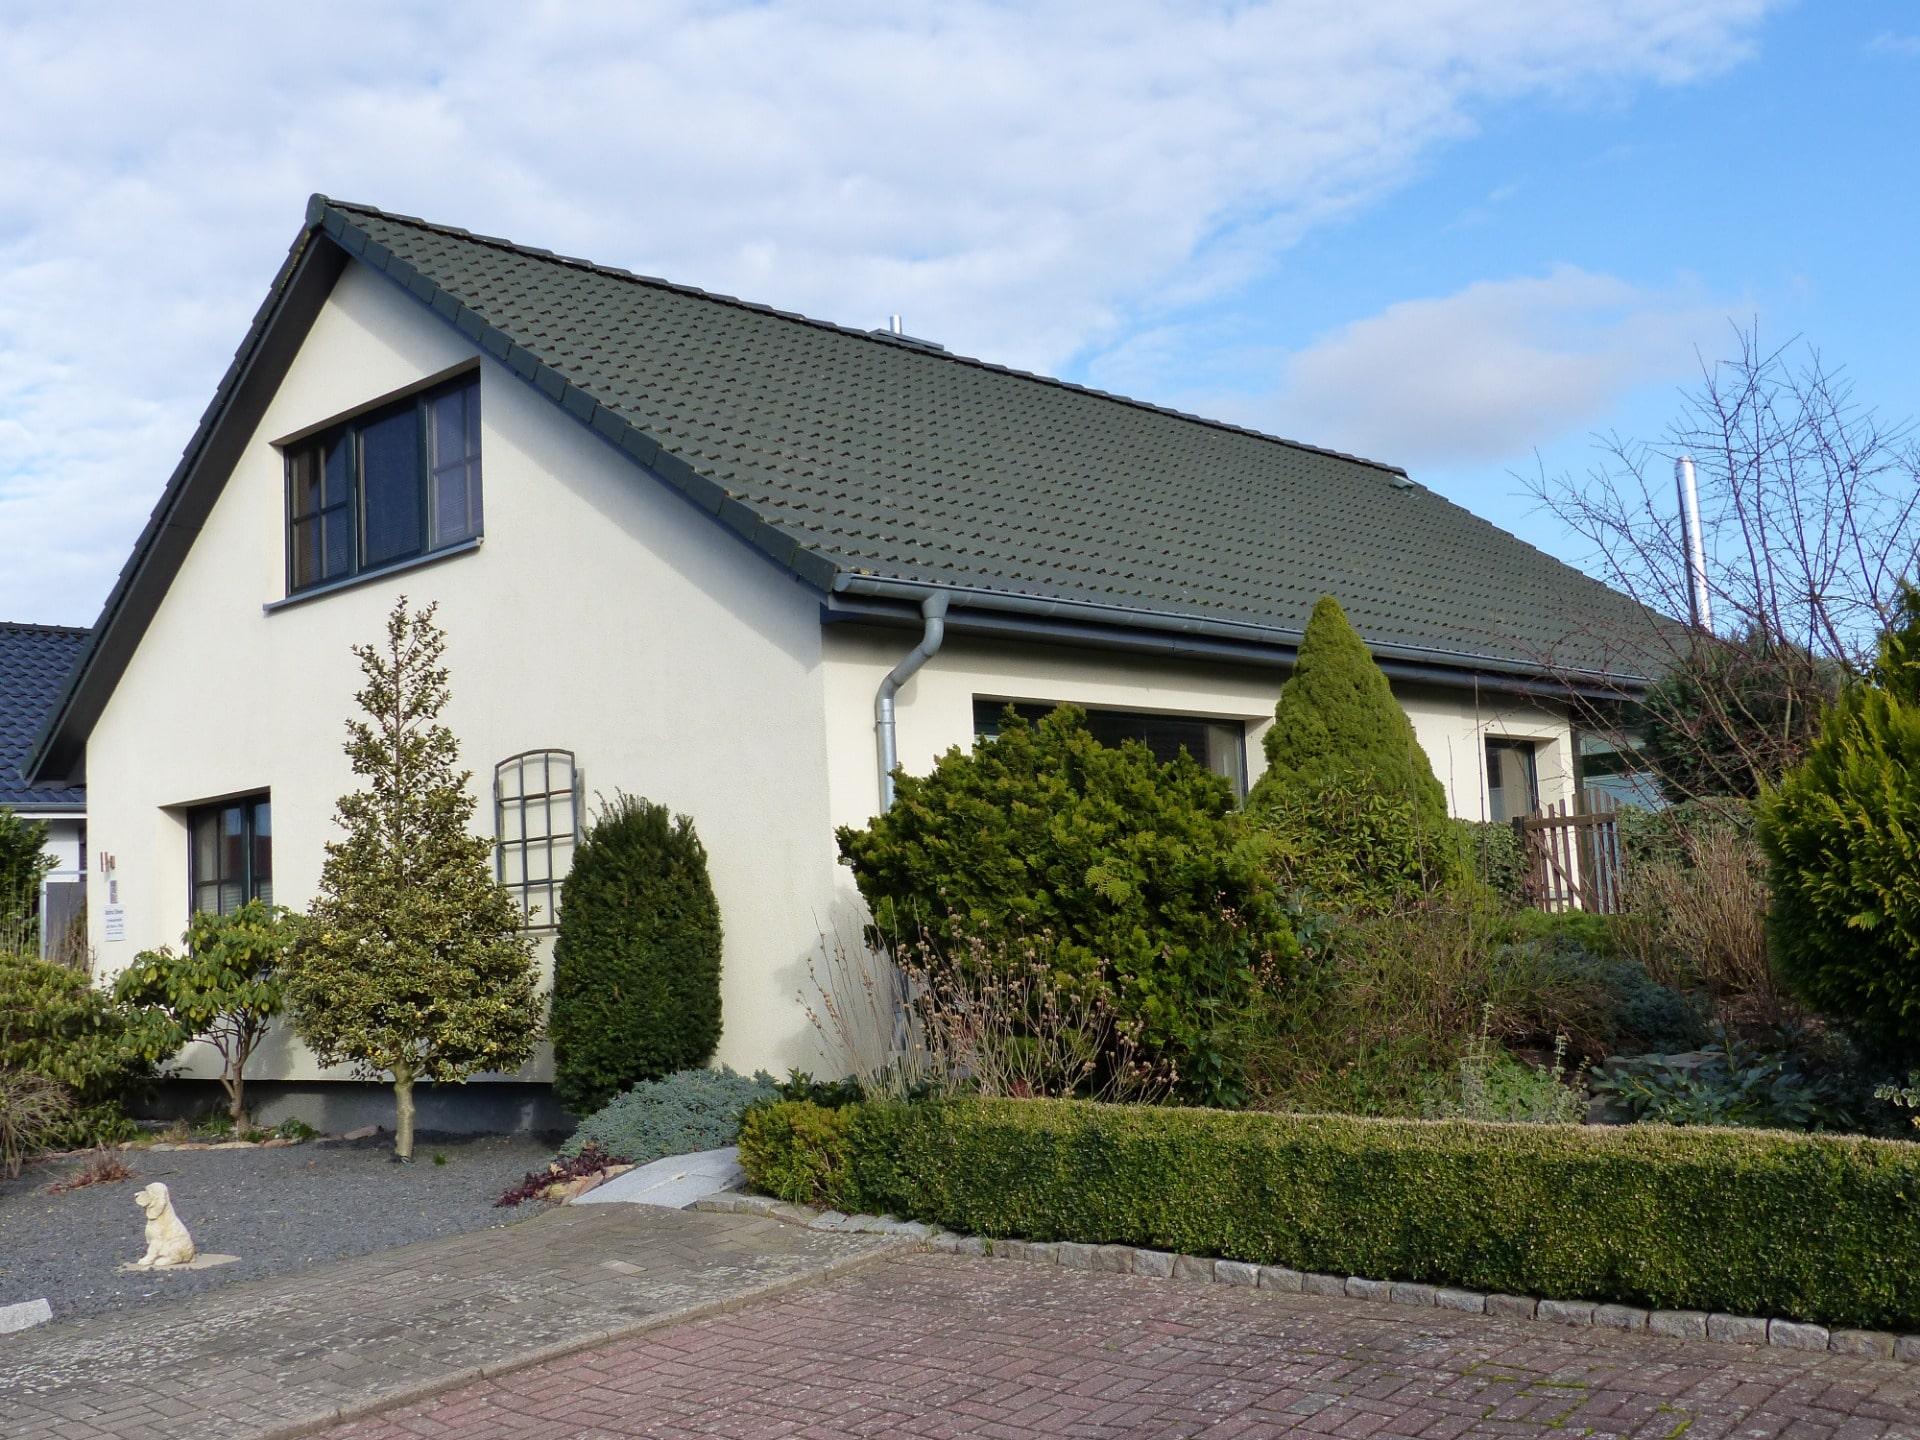 Eine verkaufte Immobilie von der Immobilienmaklerin Bianka Ostwald aus Oelixdorf